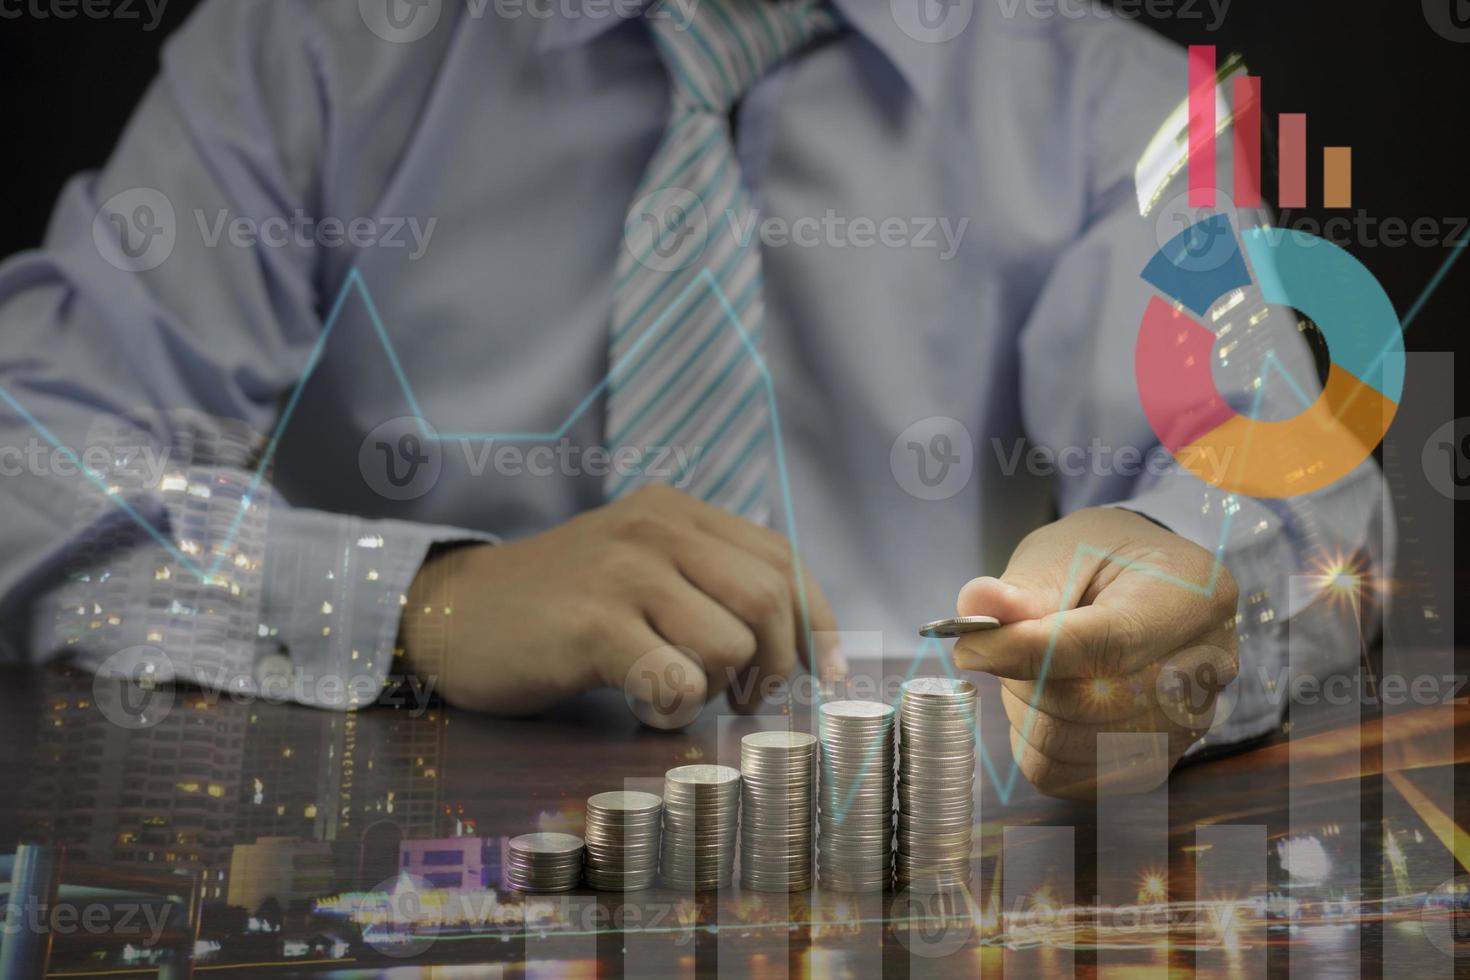 dubbele belichting van een zakenman die munten stapelt foto